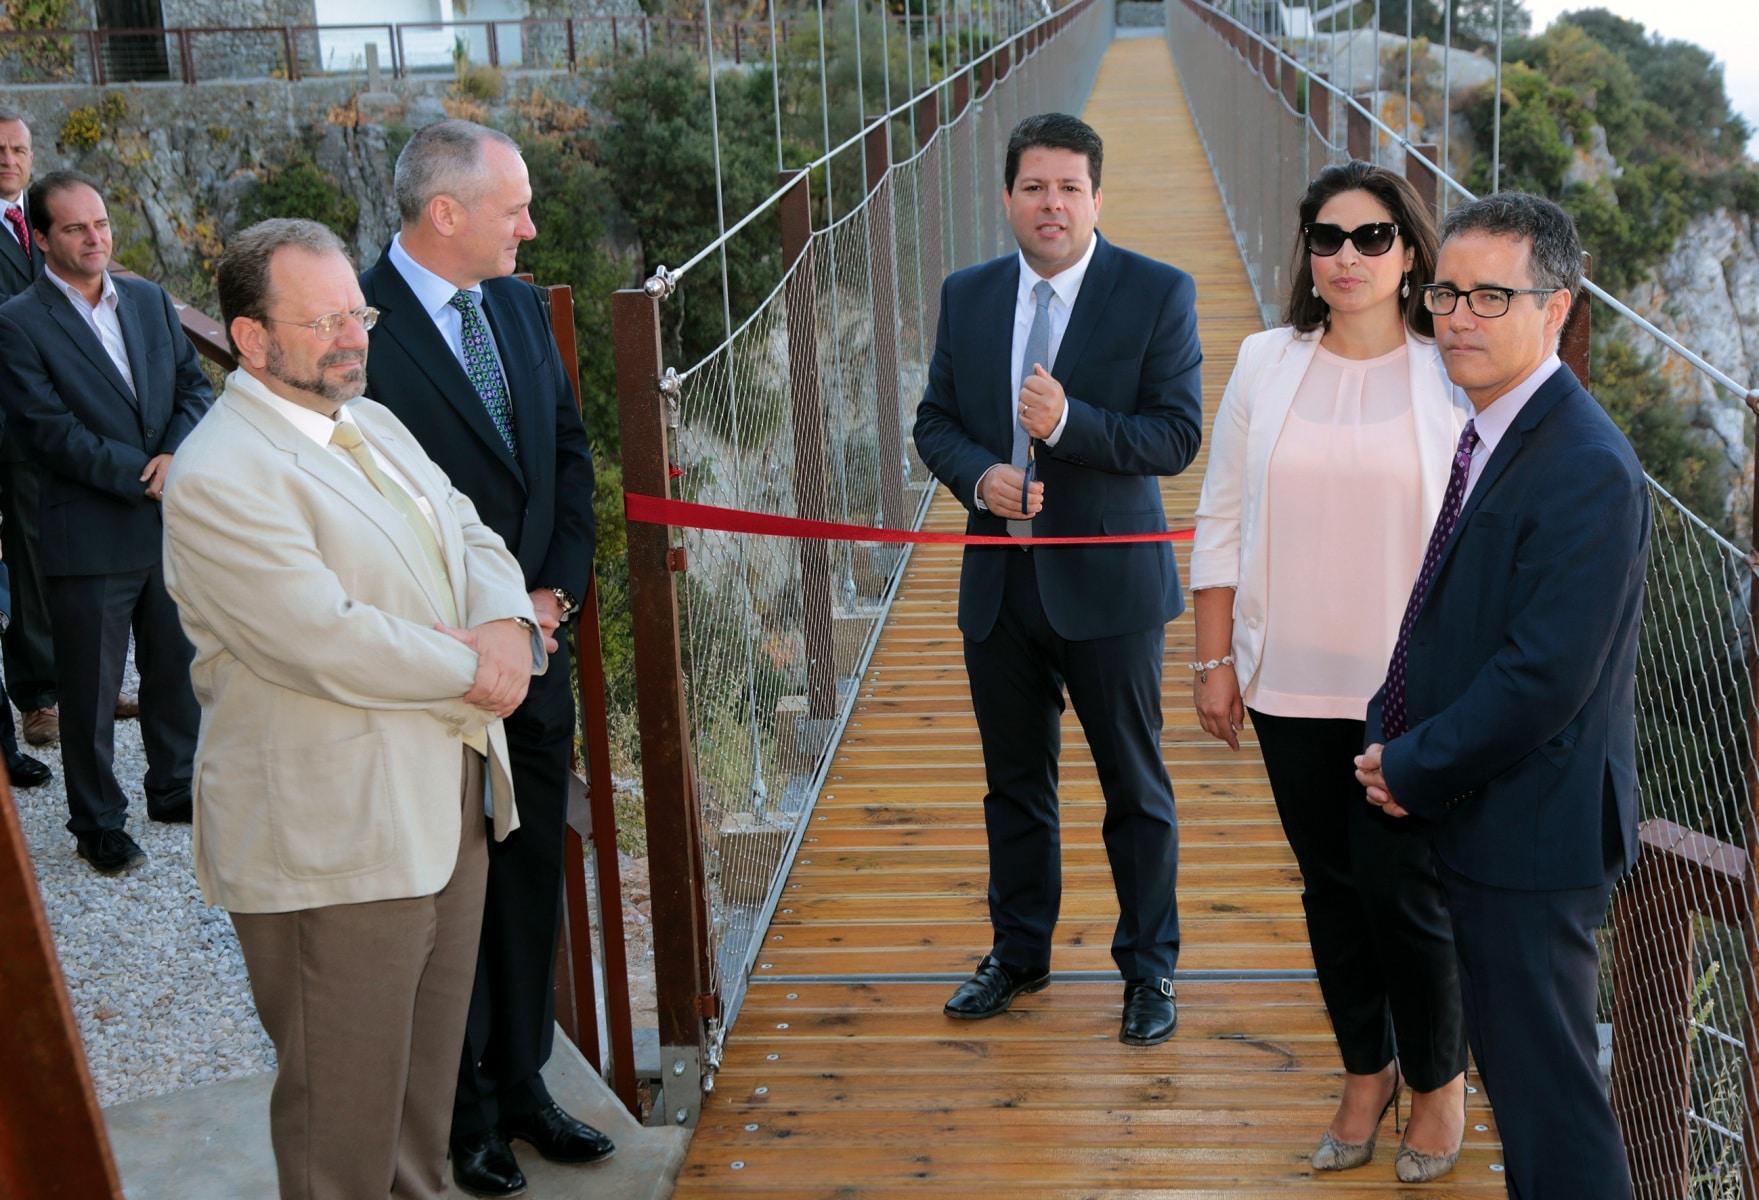 21-jun-2016-inauguracin-puente-colgante-en-la-reserva-natural-del-pen-de-gibraltar_27556200250_o